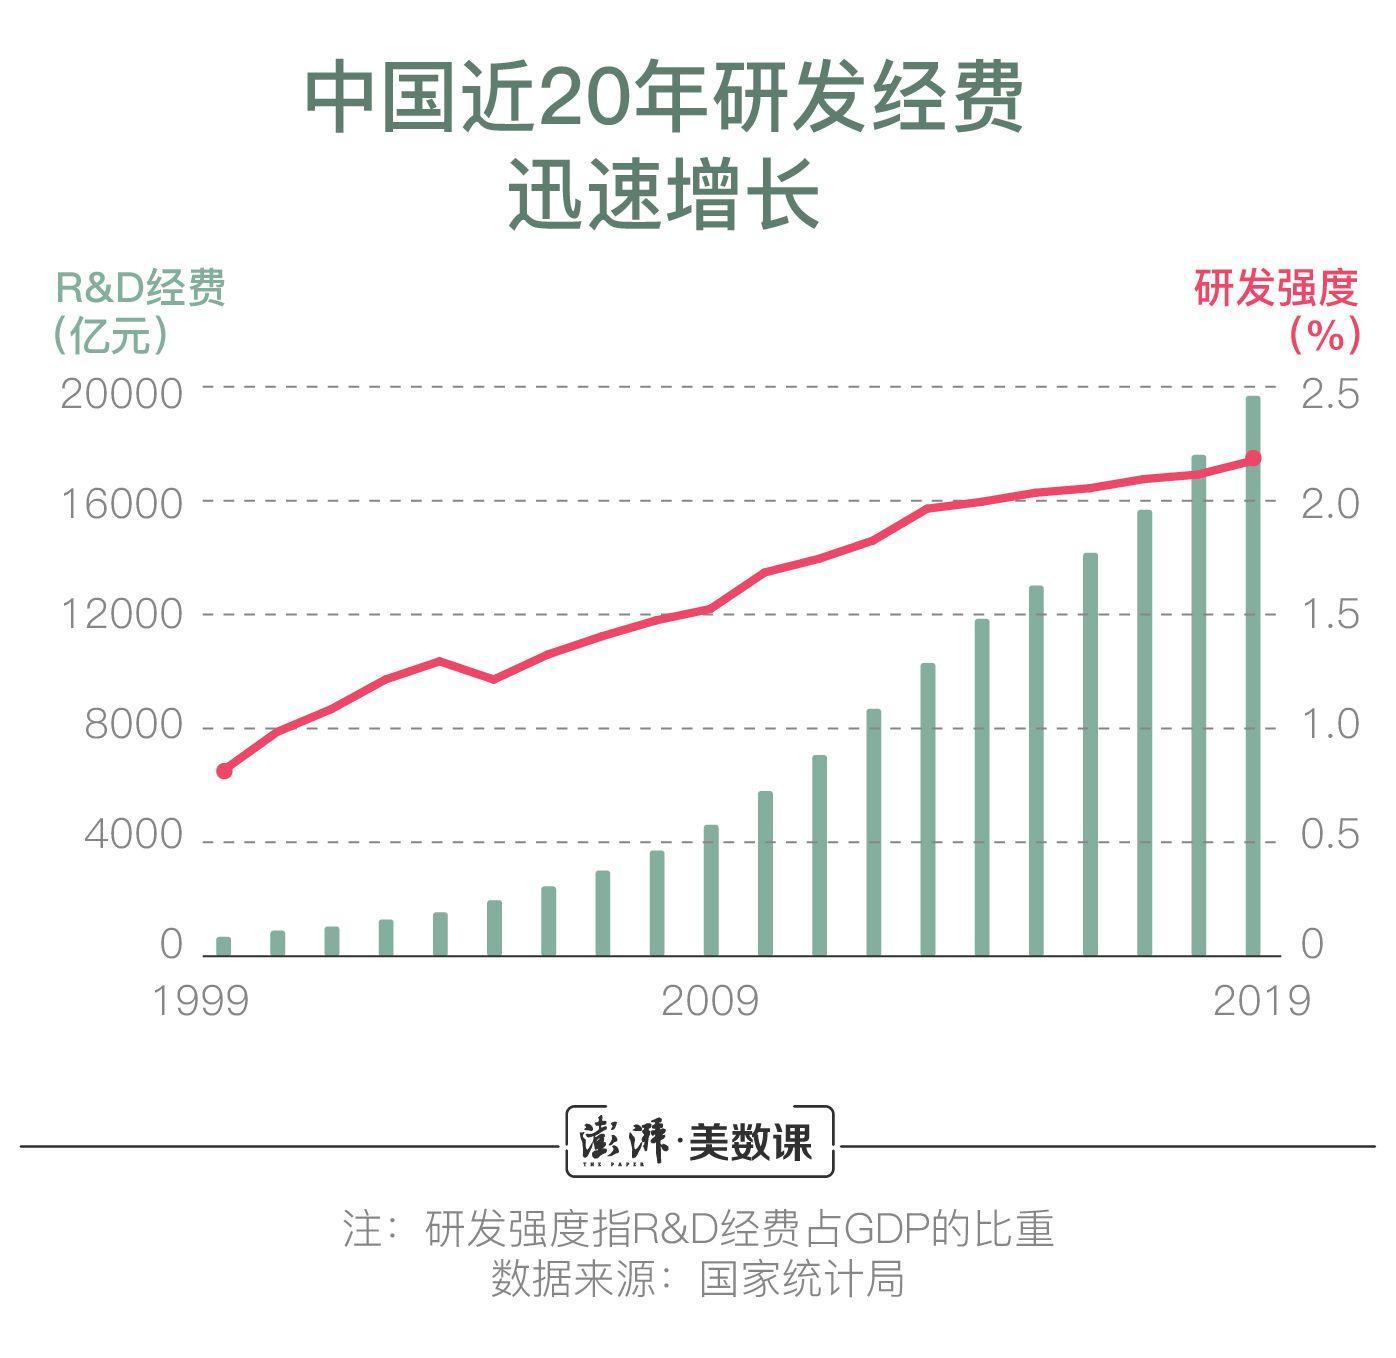 中国研发经费接近两万亿,哪些城市科研投入多?